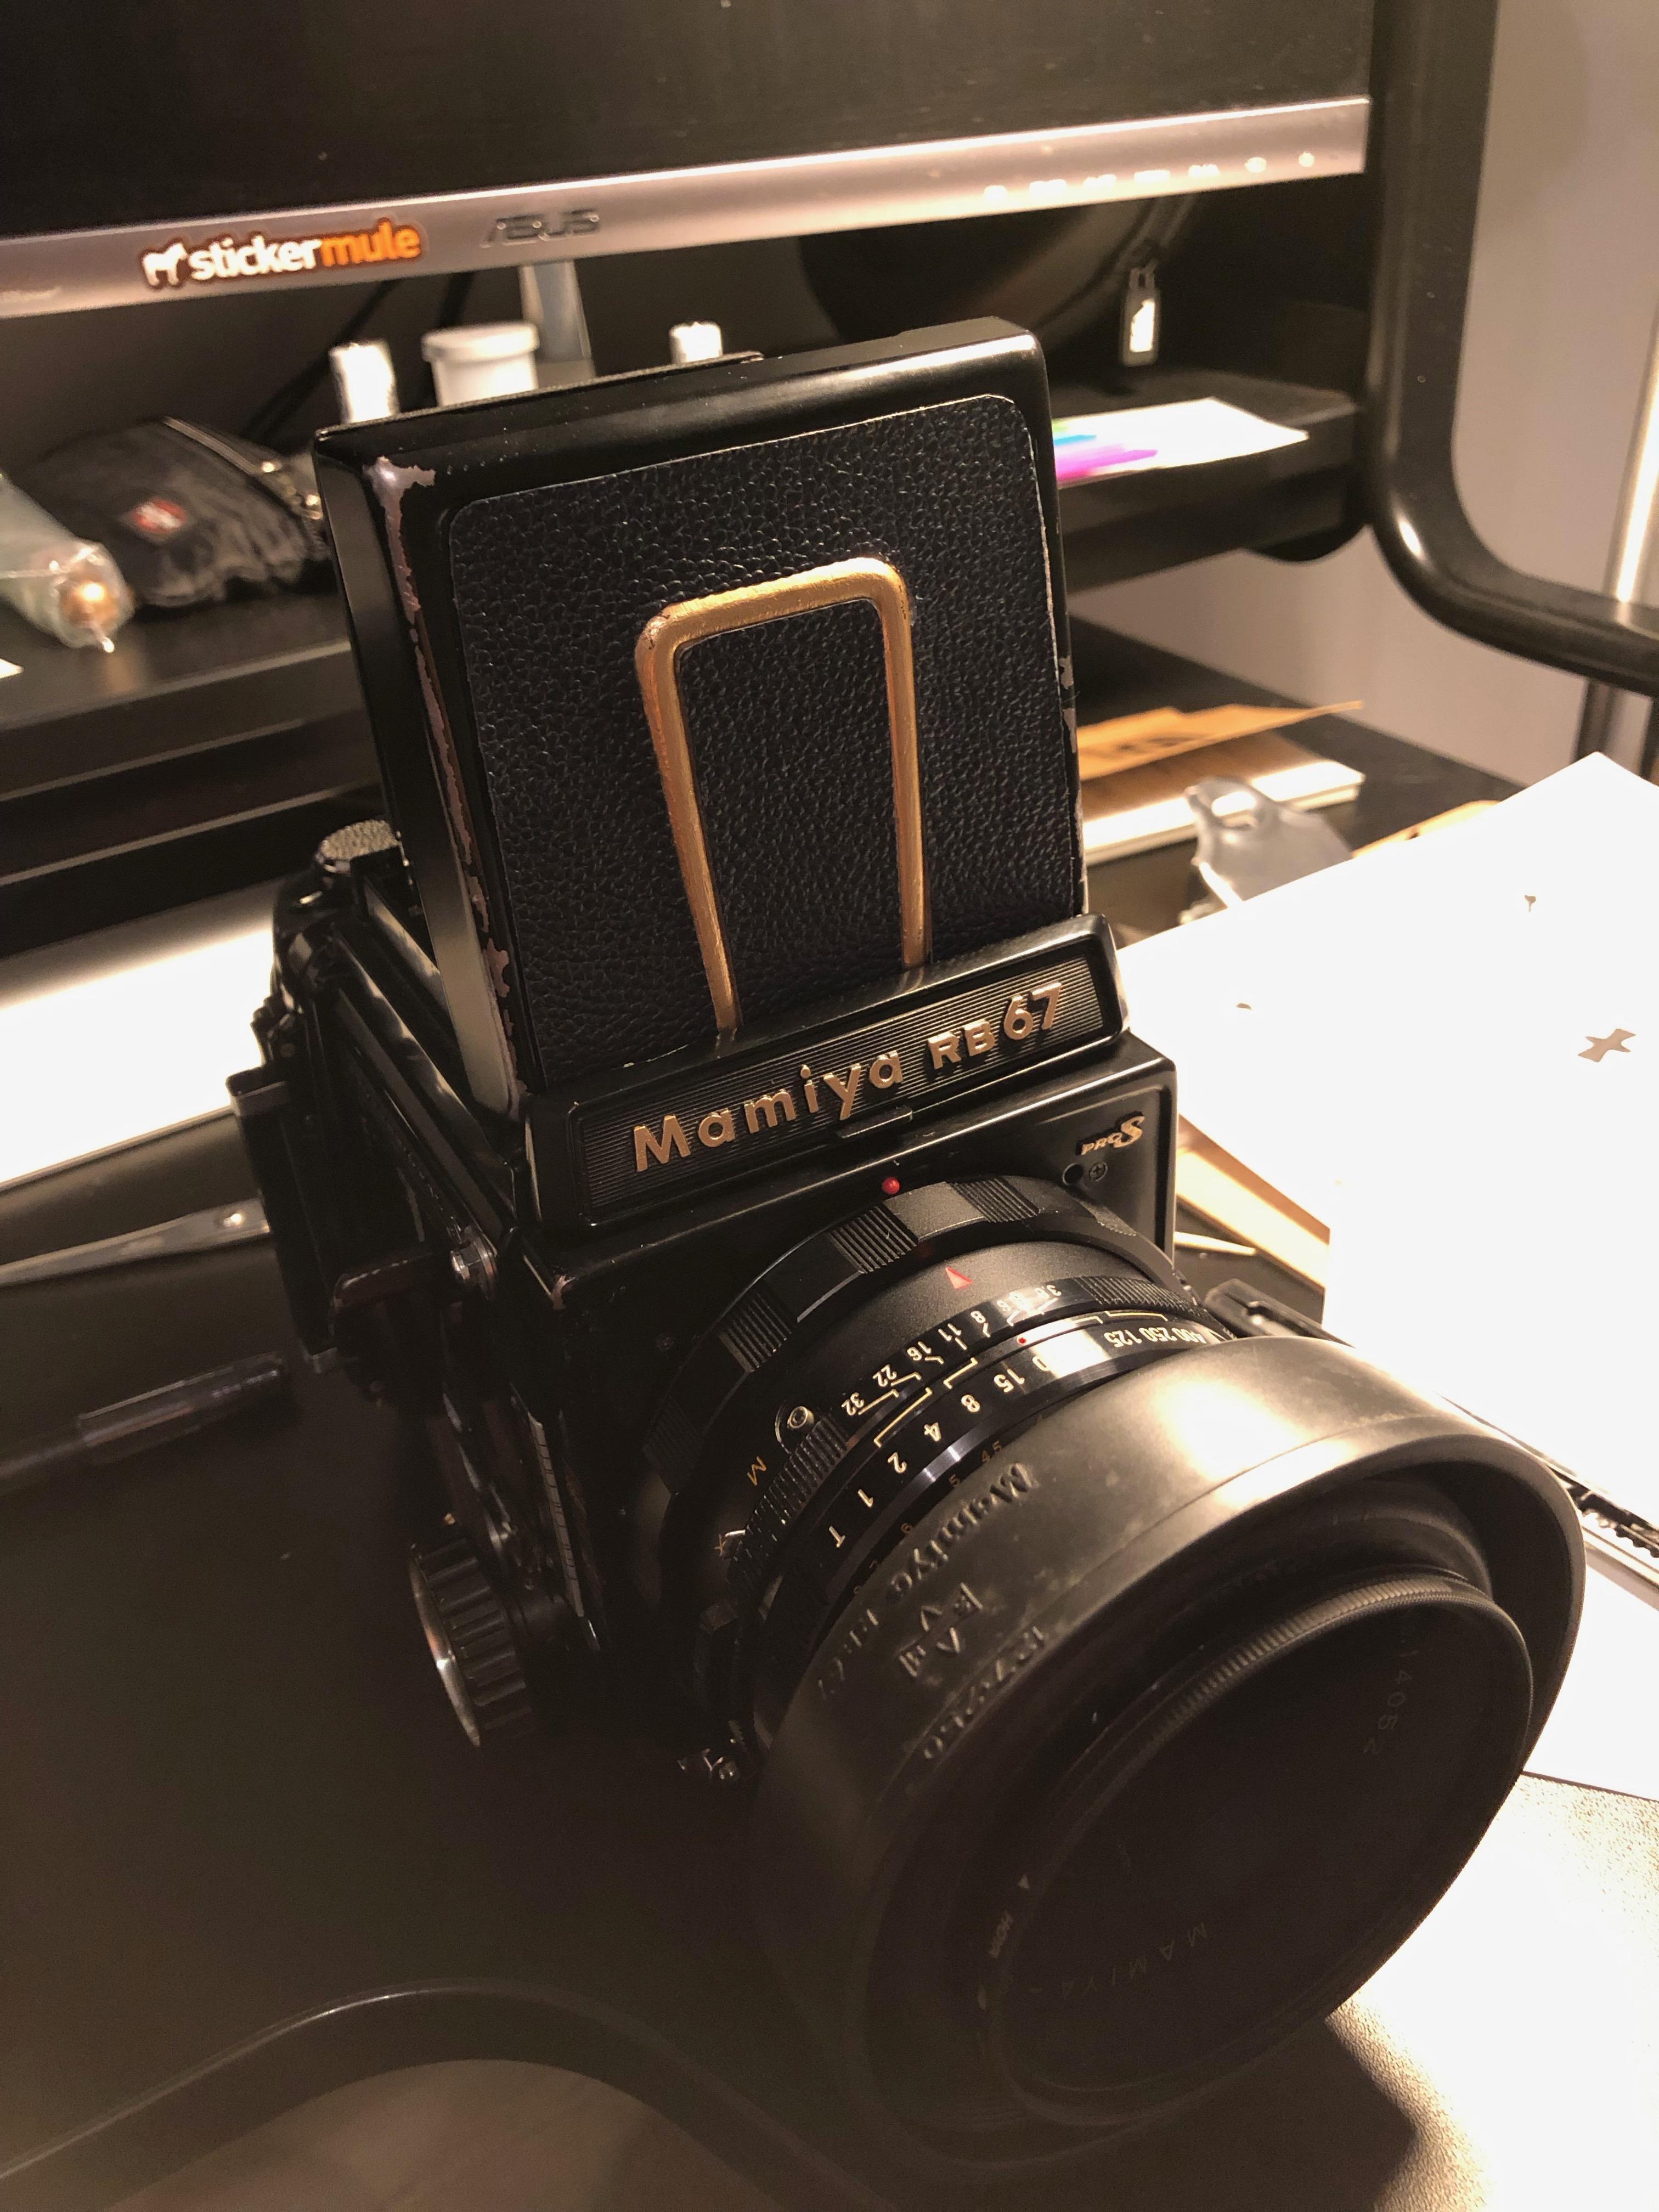 mamiya-rb67-restoration-medium-format-camera-light-seals-leather-213